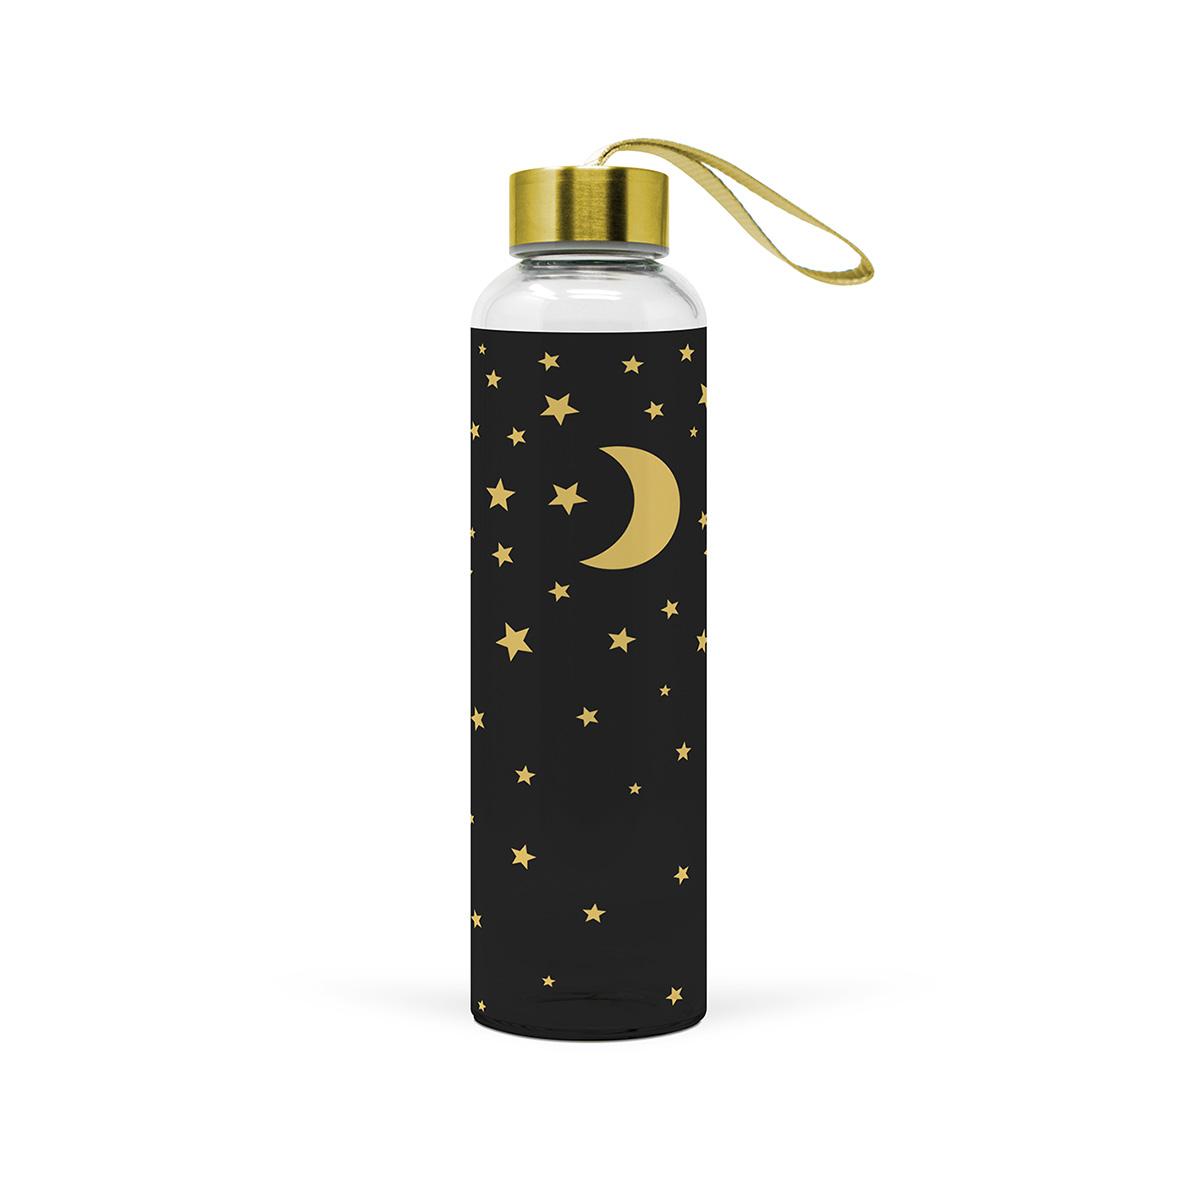 Staklena flaša  Moonlight 603824